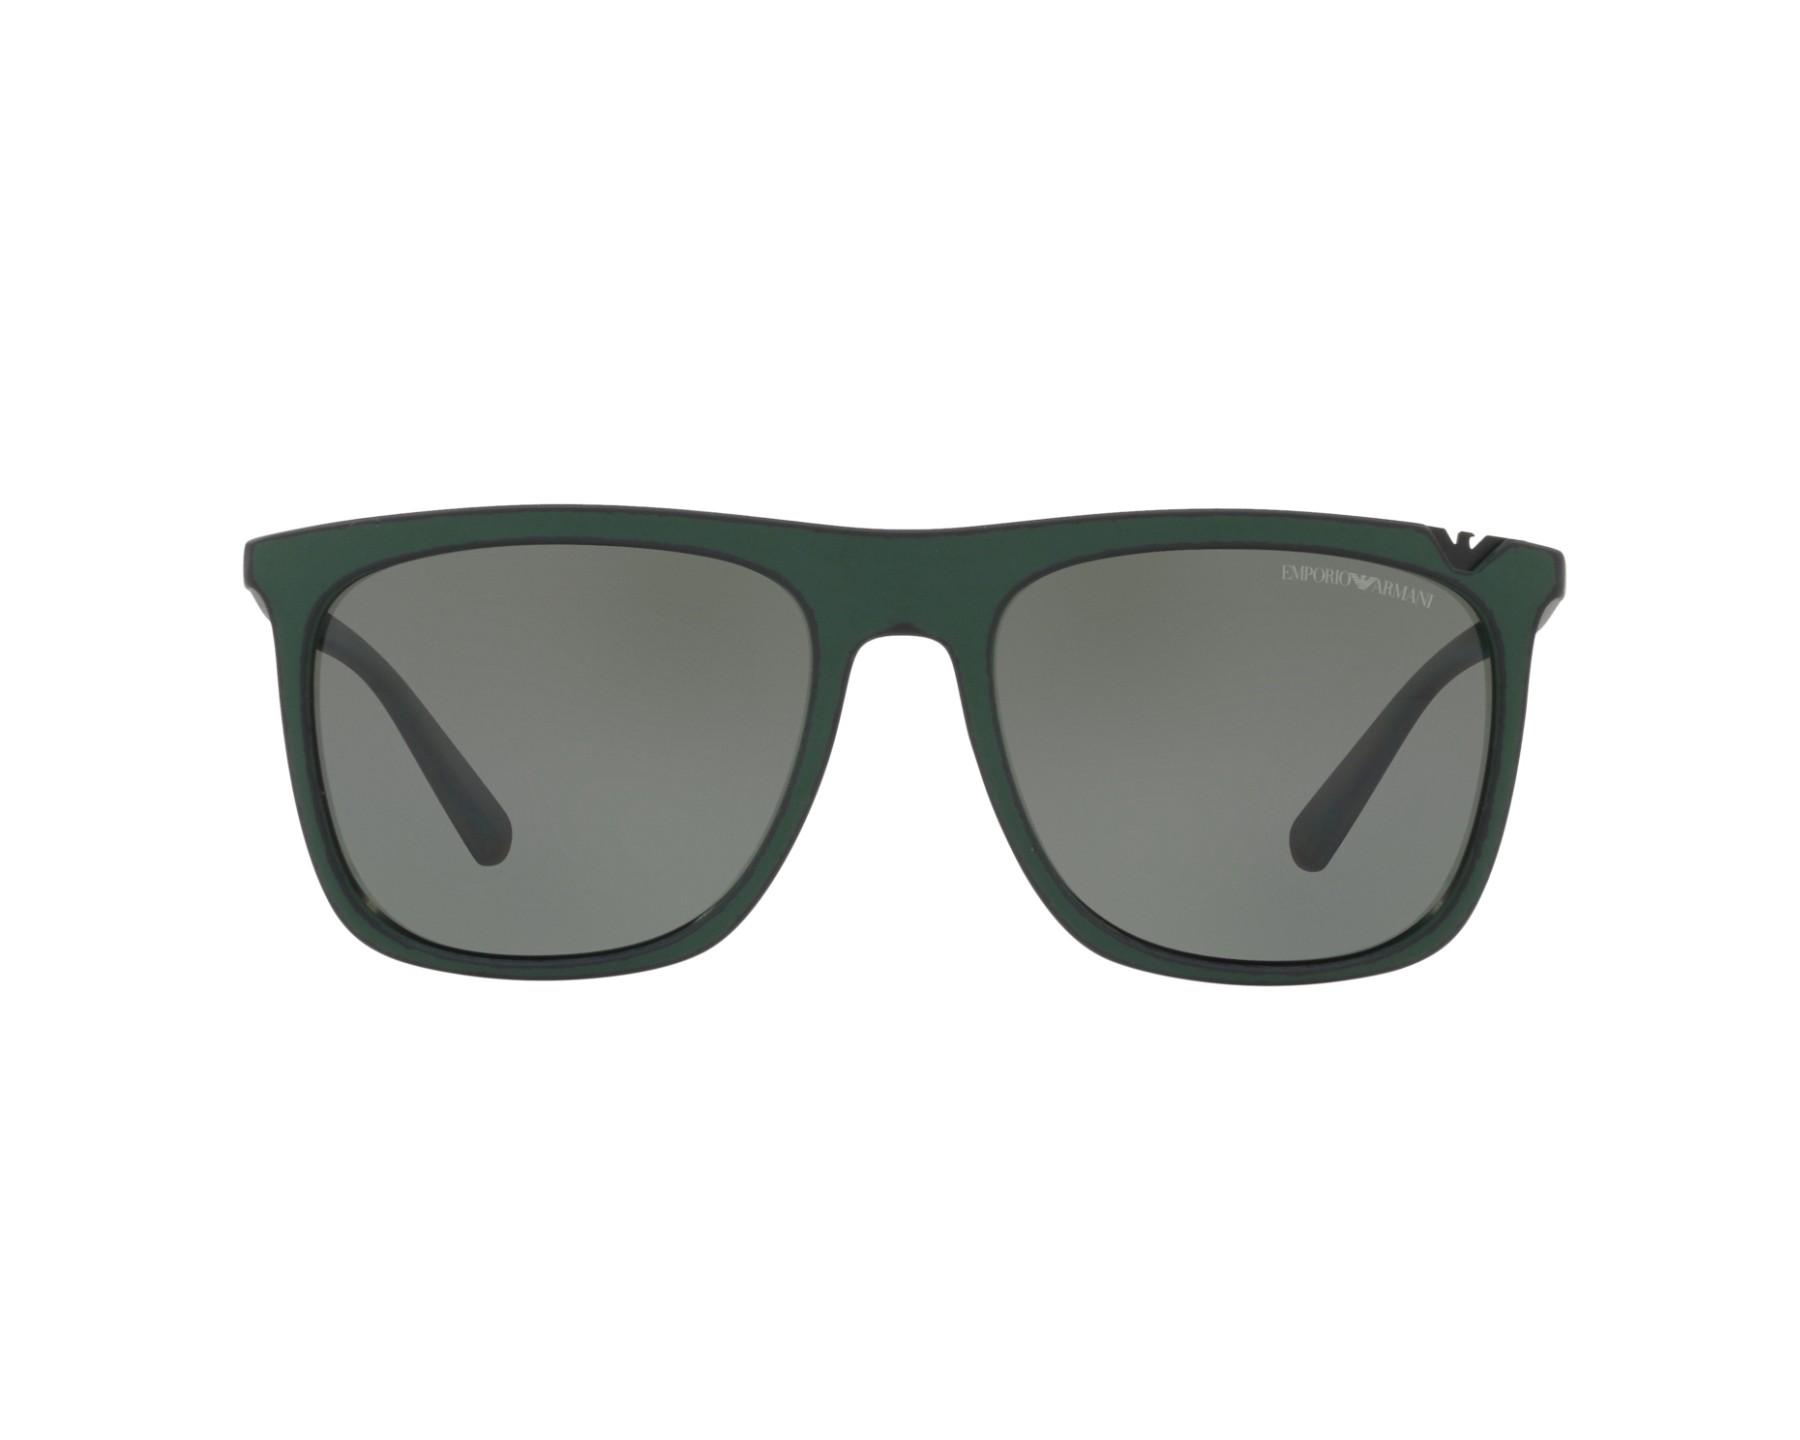 Lunettes de soleil emporio armani ea 4095 55999a vert avec des verres vert - Verre lunette raye assurance ...